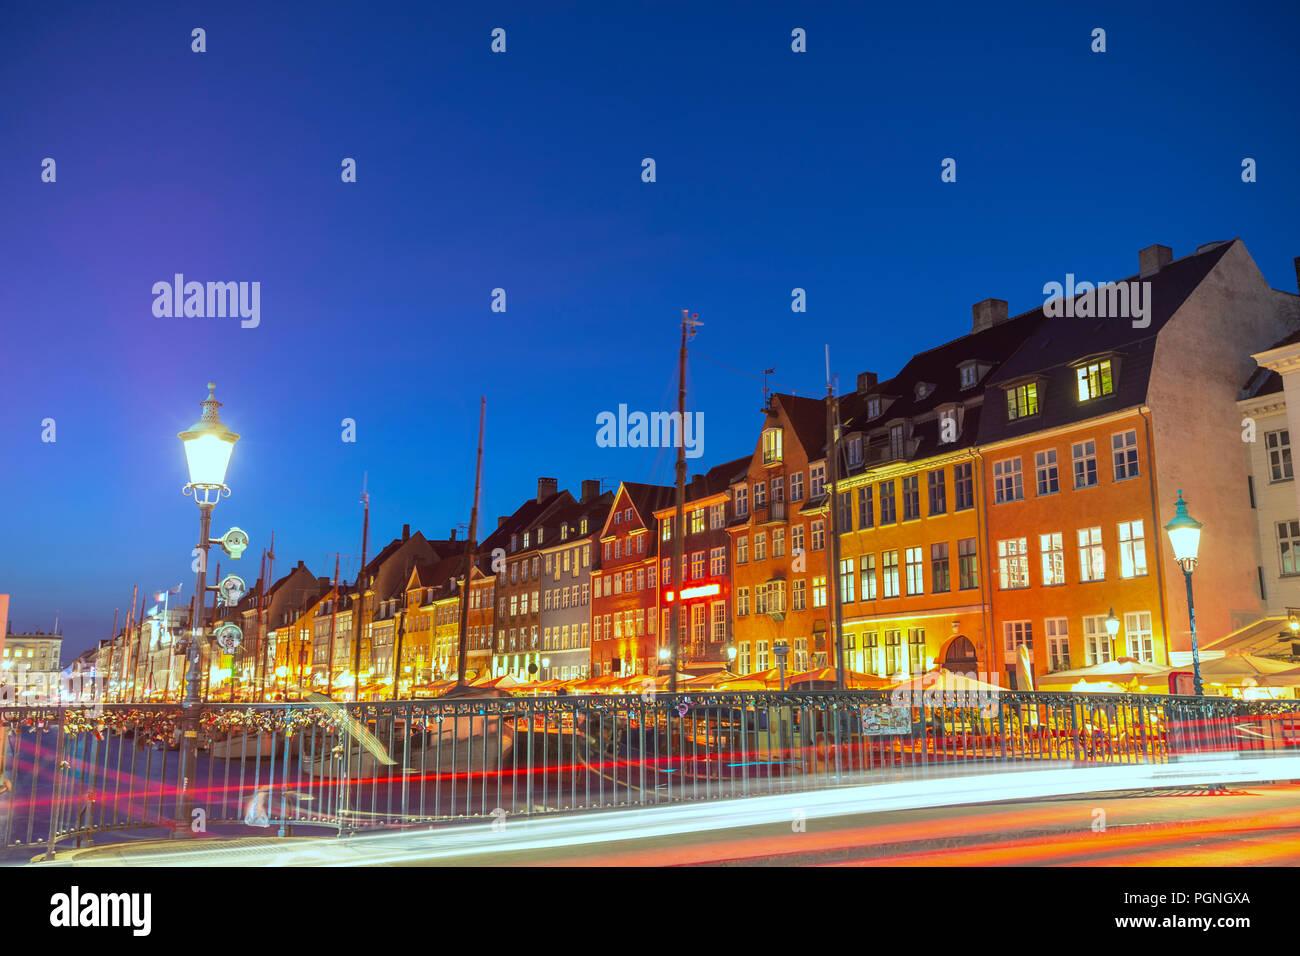 Noche en el horizonte de la ciudad de Copenhague puerto Nyhavn, Copenhague, Dinamarca Foto de stock